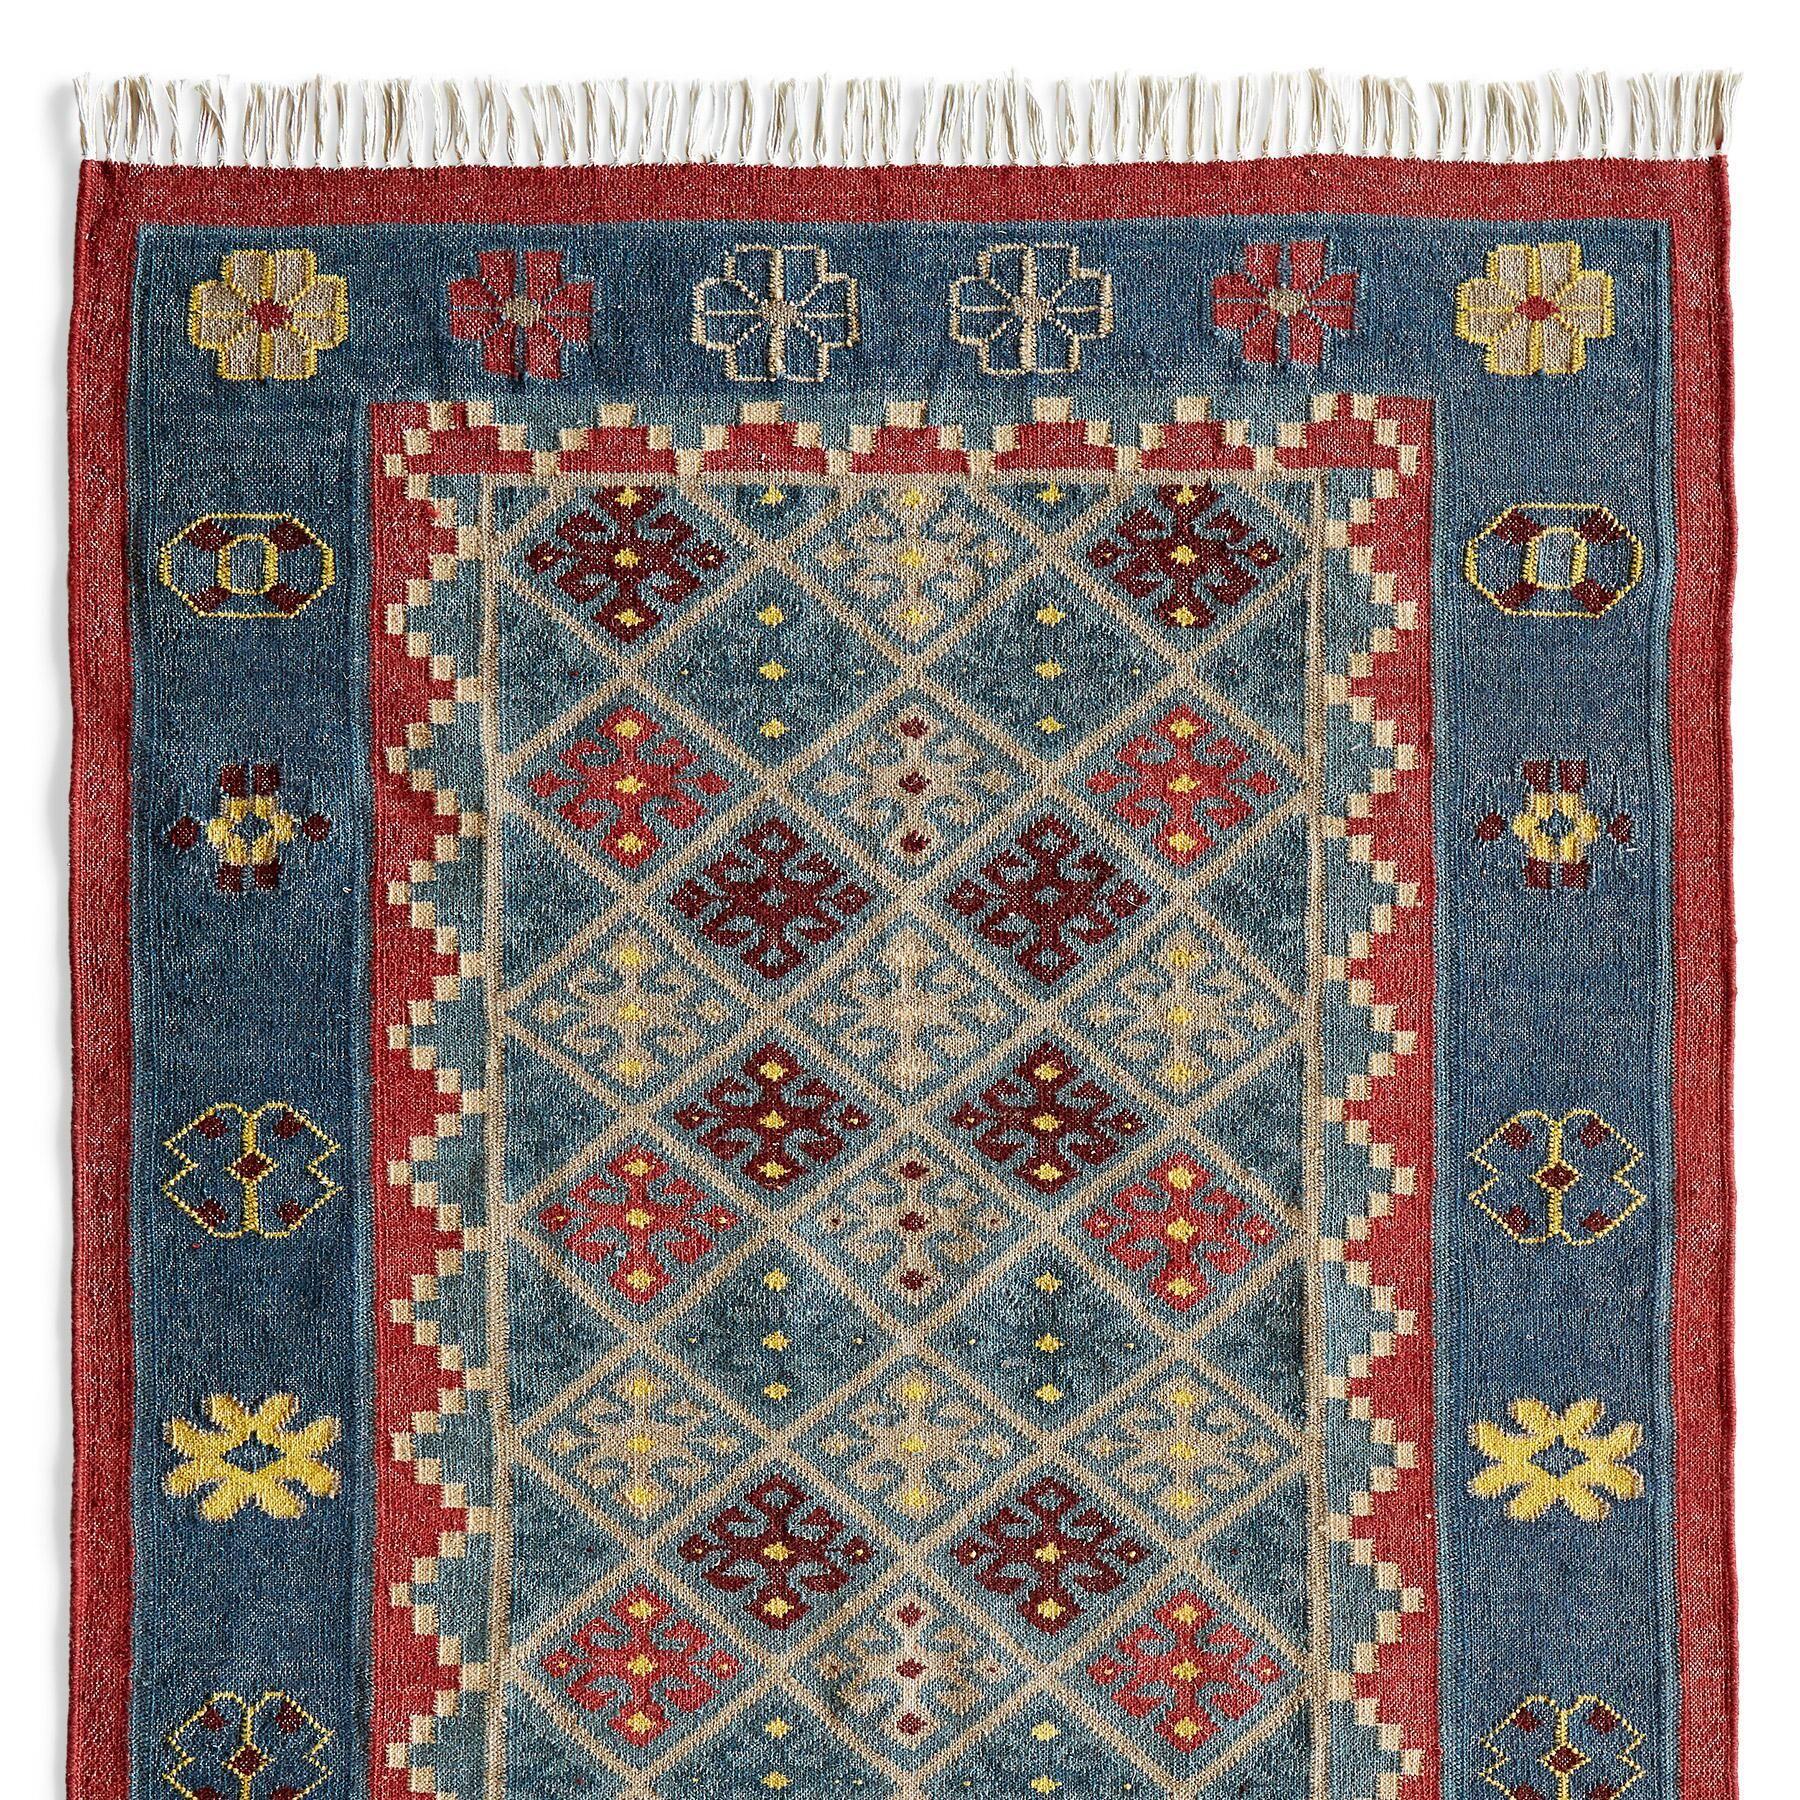 Denim Stars Dhurrie Area Rug Handwoven Cotton Wool In India Rugs Dhurrie Dhurrie Rugs